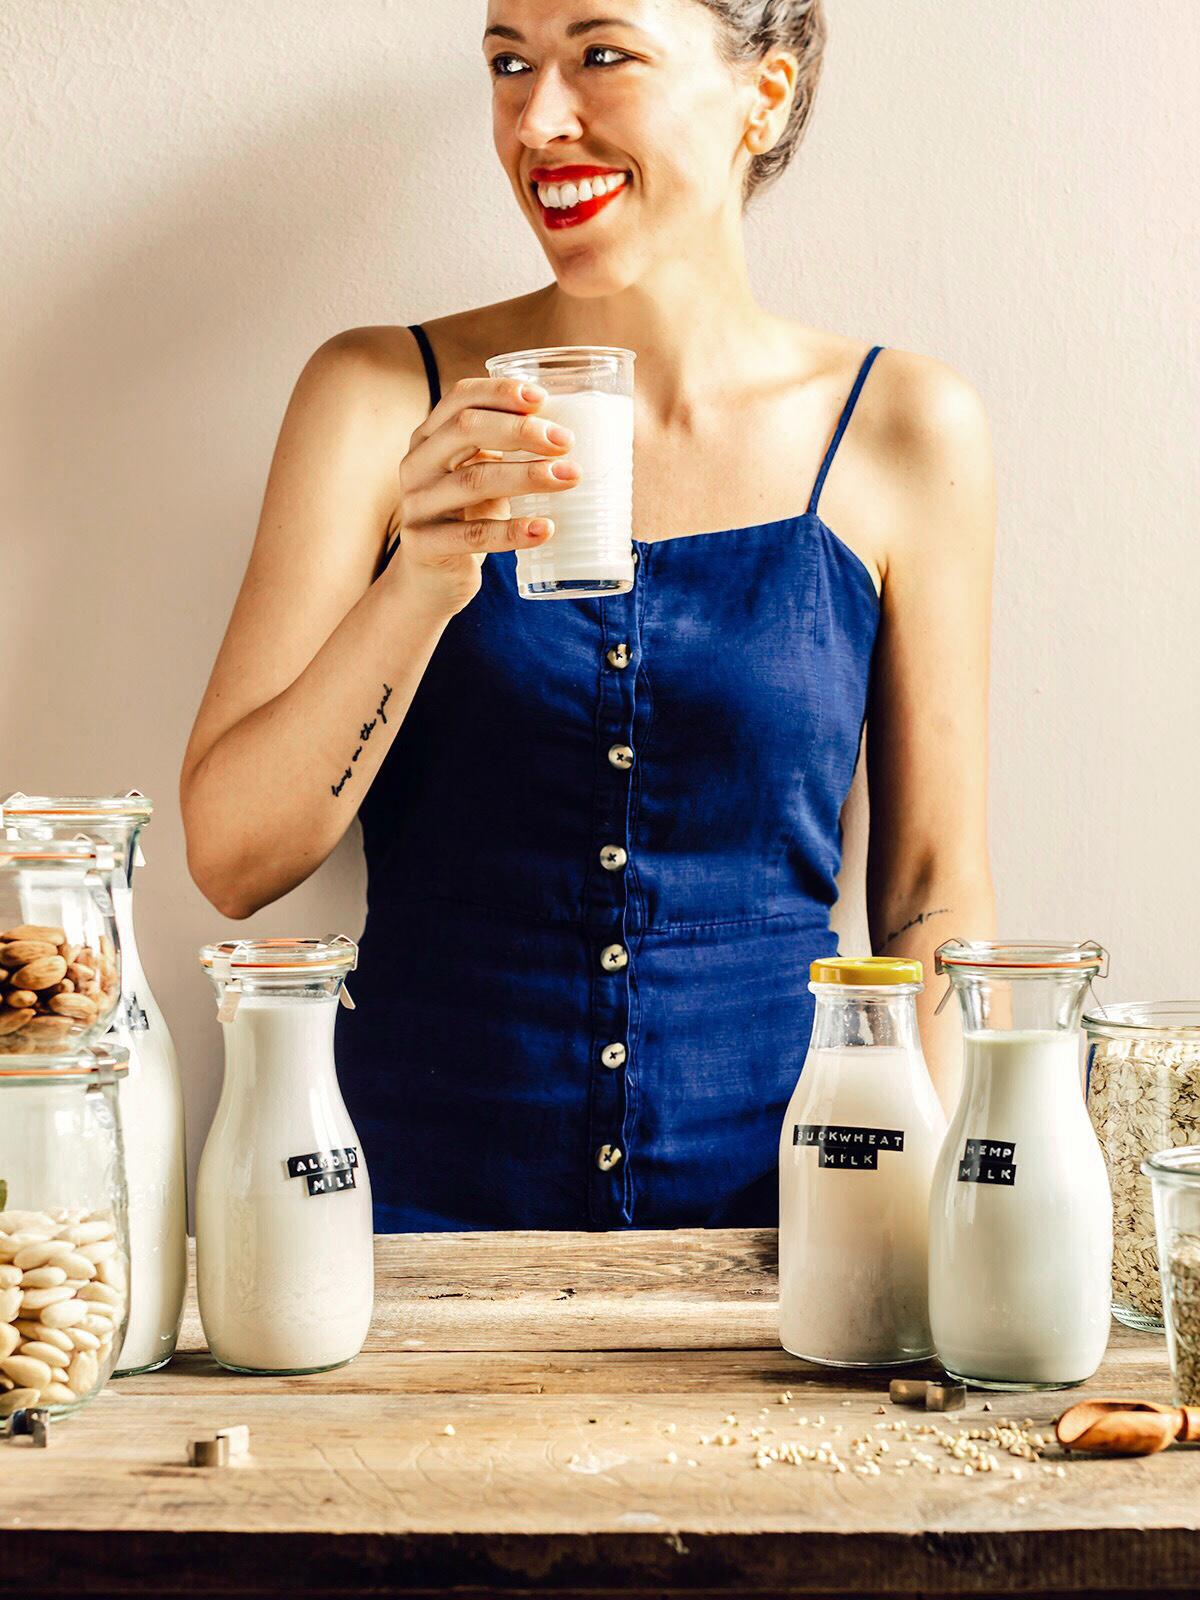 come preparare il LATTE VEGETALE FATTO IN CASA con estrattore o frullatore Mini guida vegan senza lattosio How to make dairy free milk guide vegan glutenfree nutfree